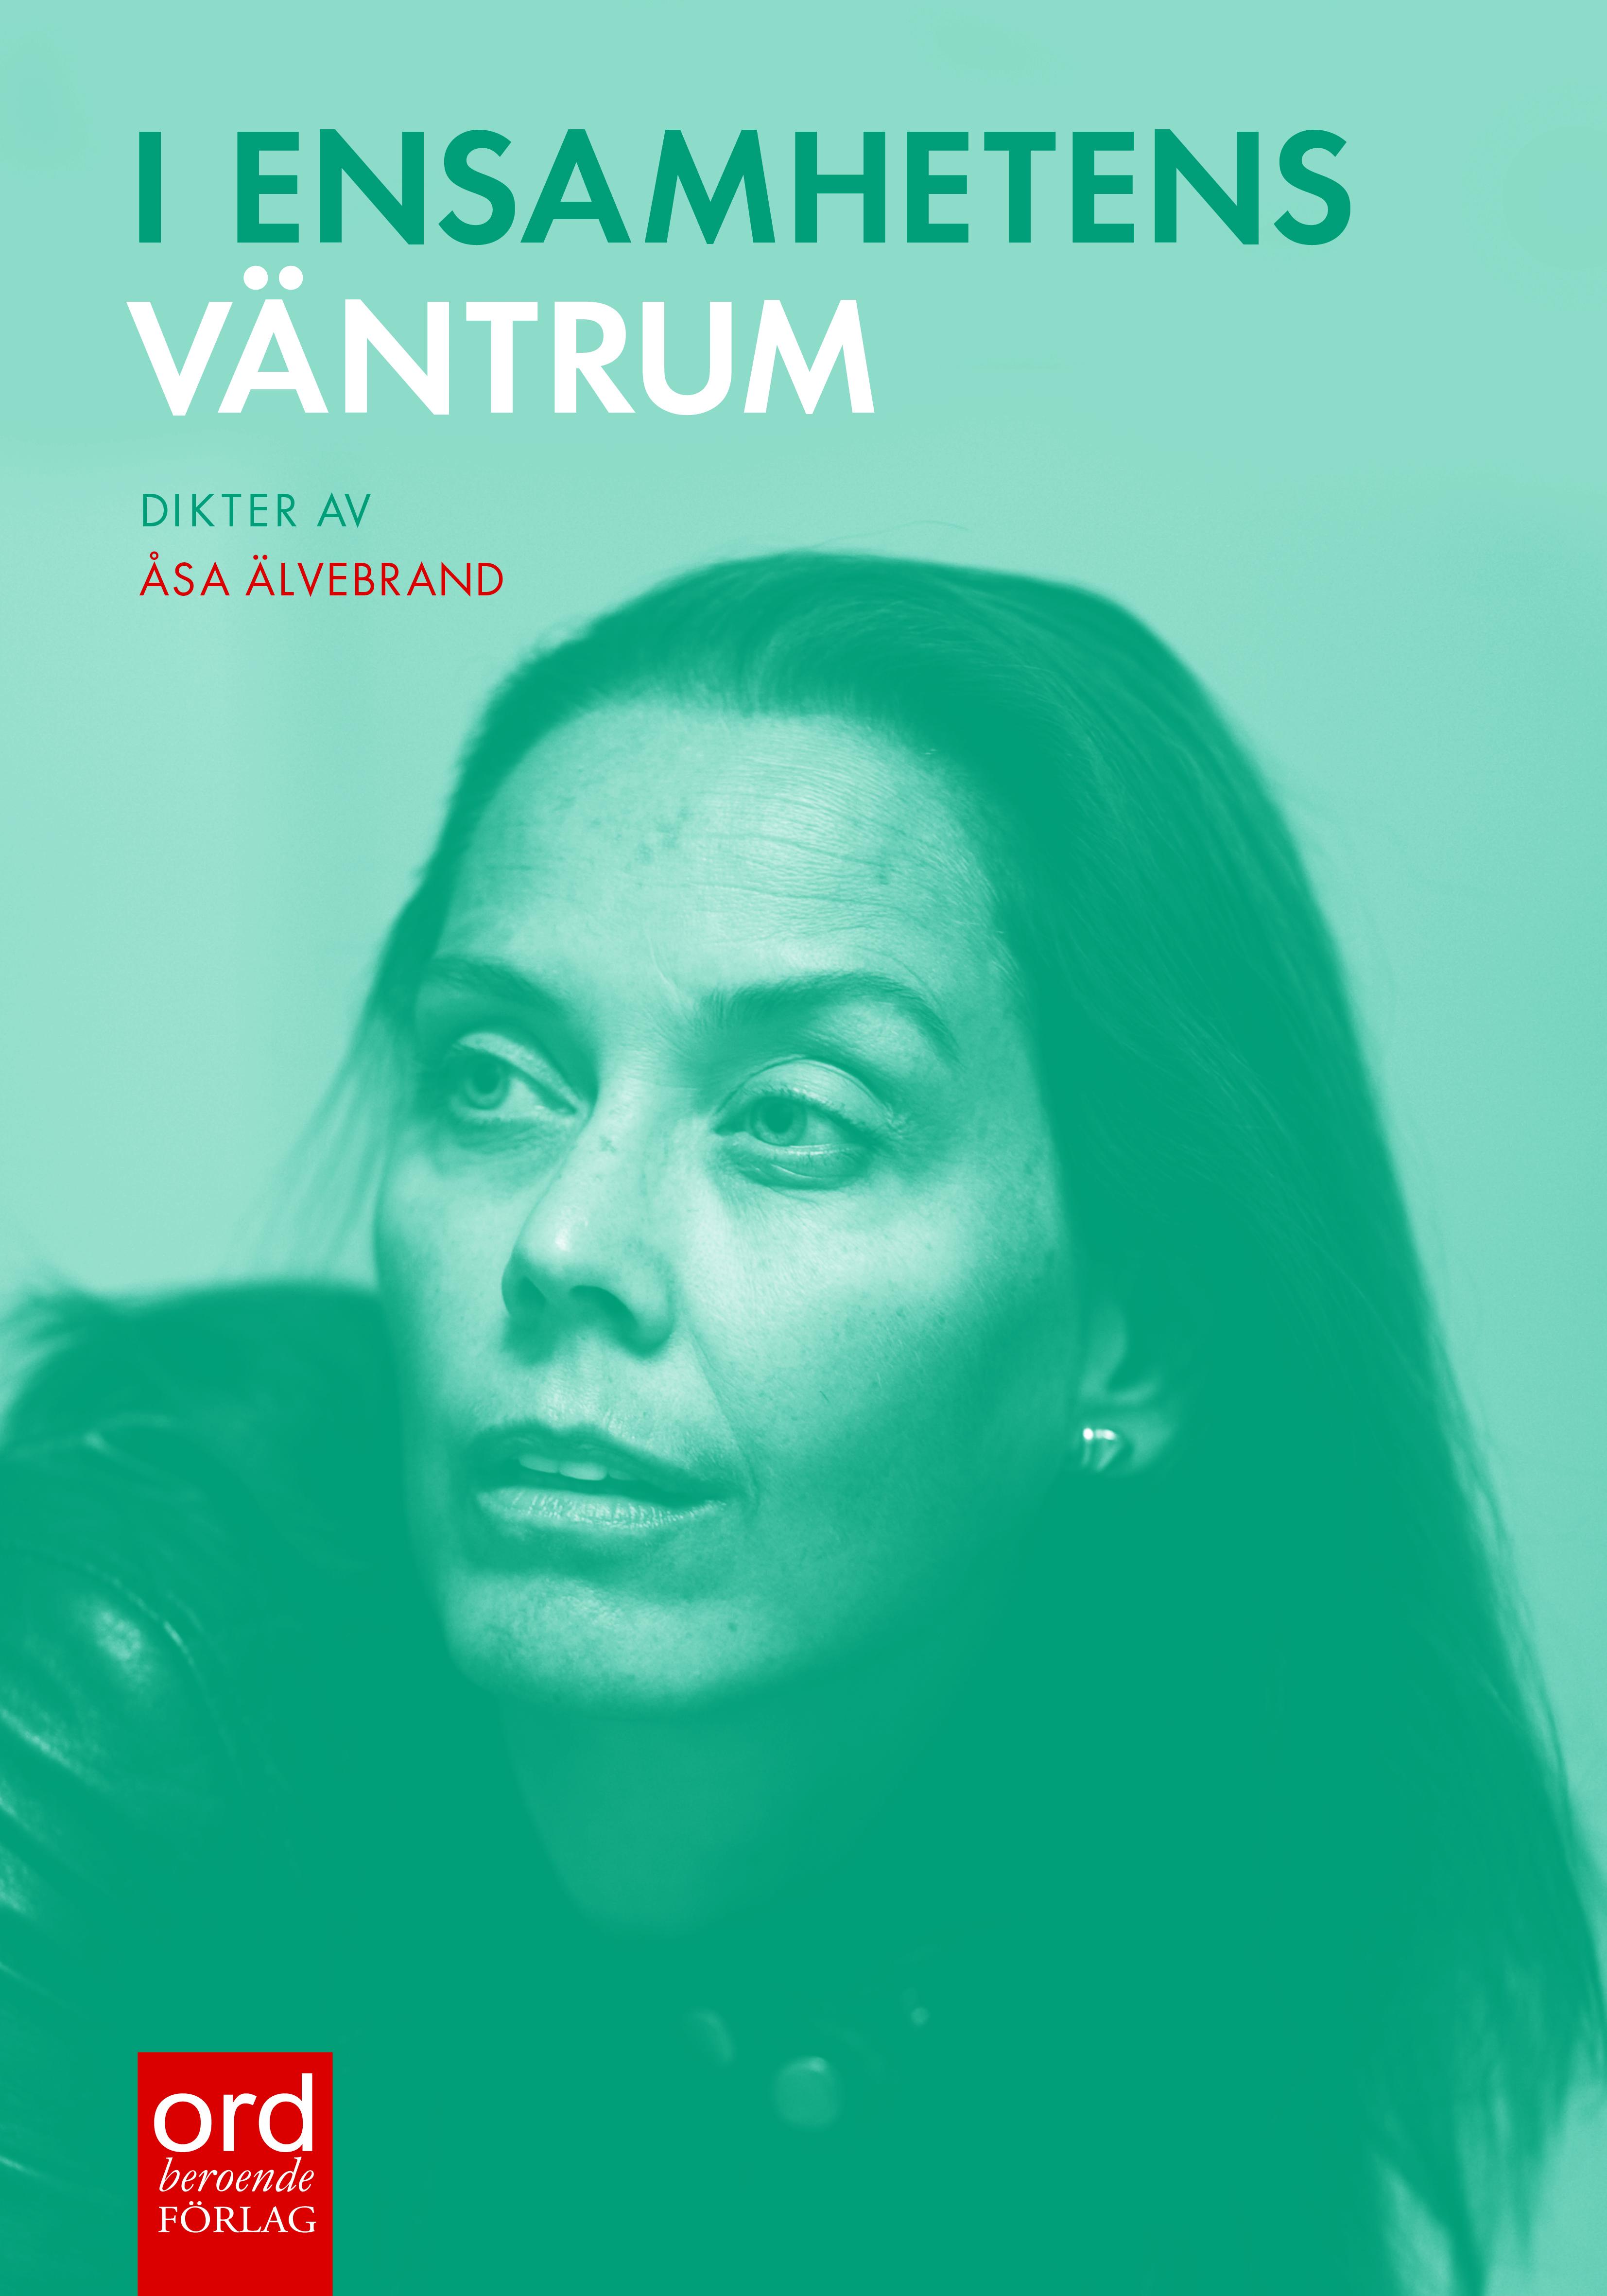 I ensamhetens väntrum diktsamling av Åsa Älvebrand